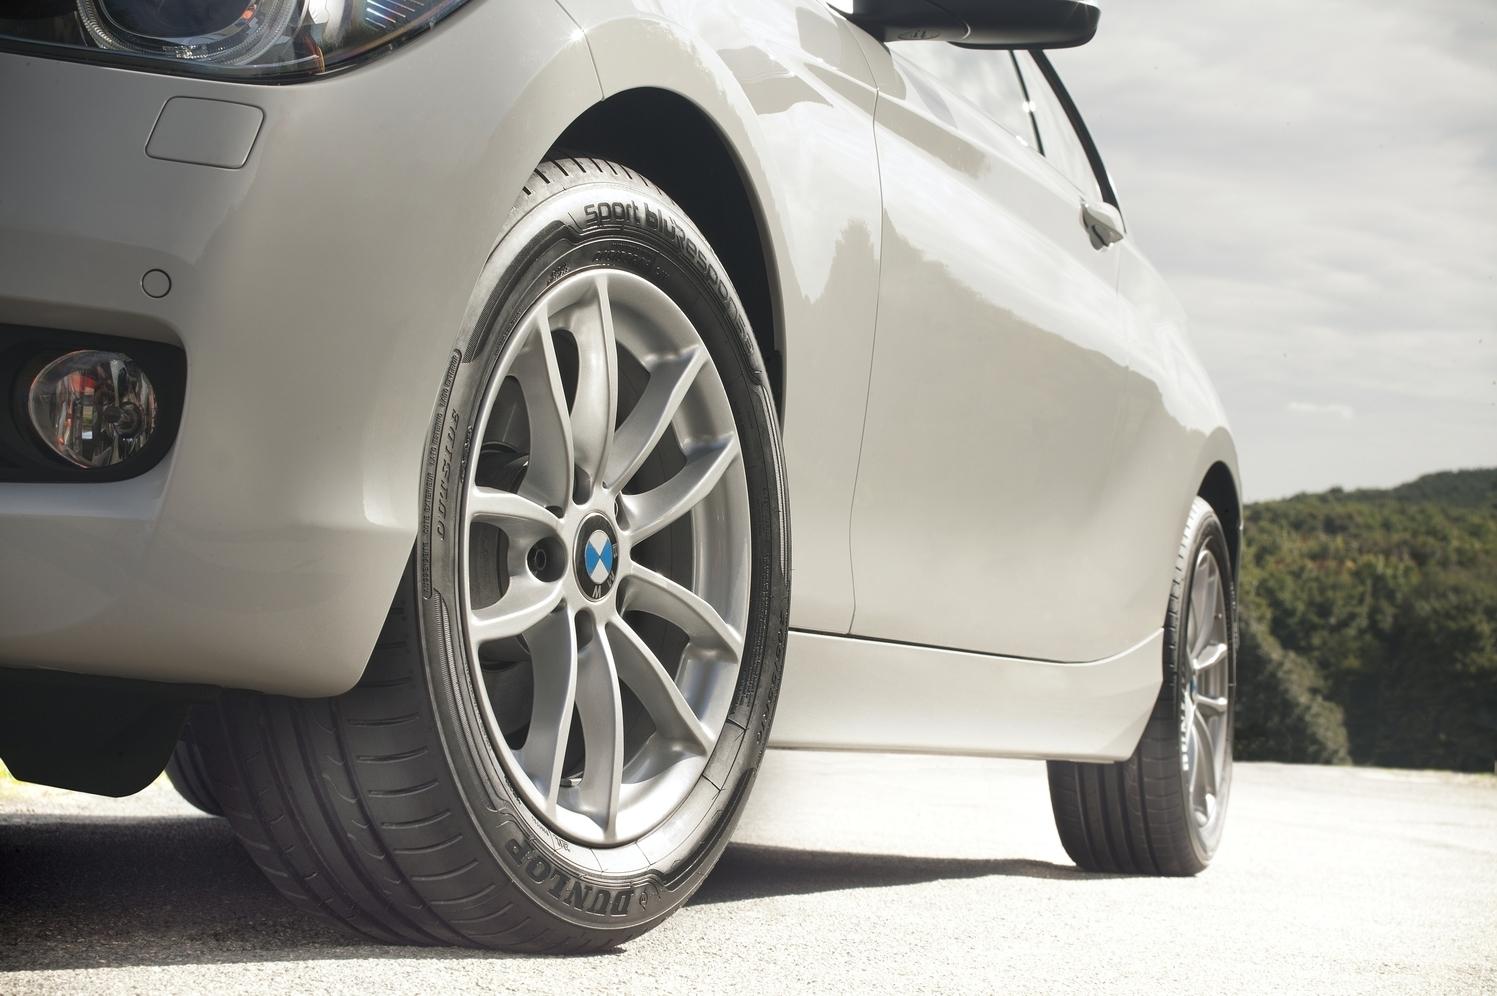 Reifen-Test - Öko, aber sicher